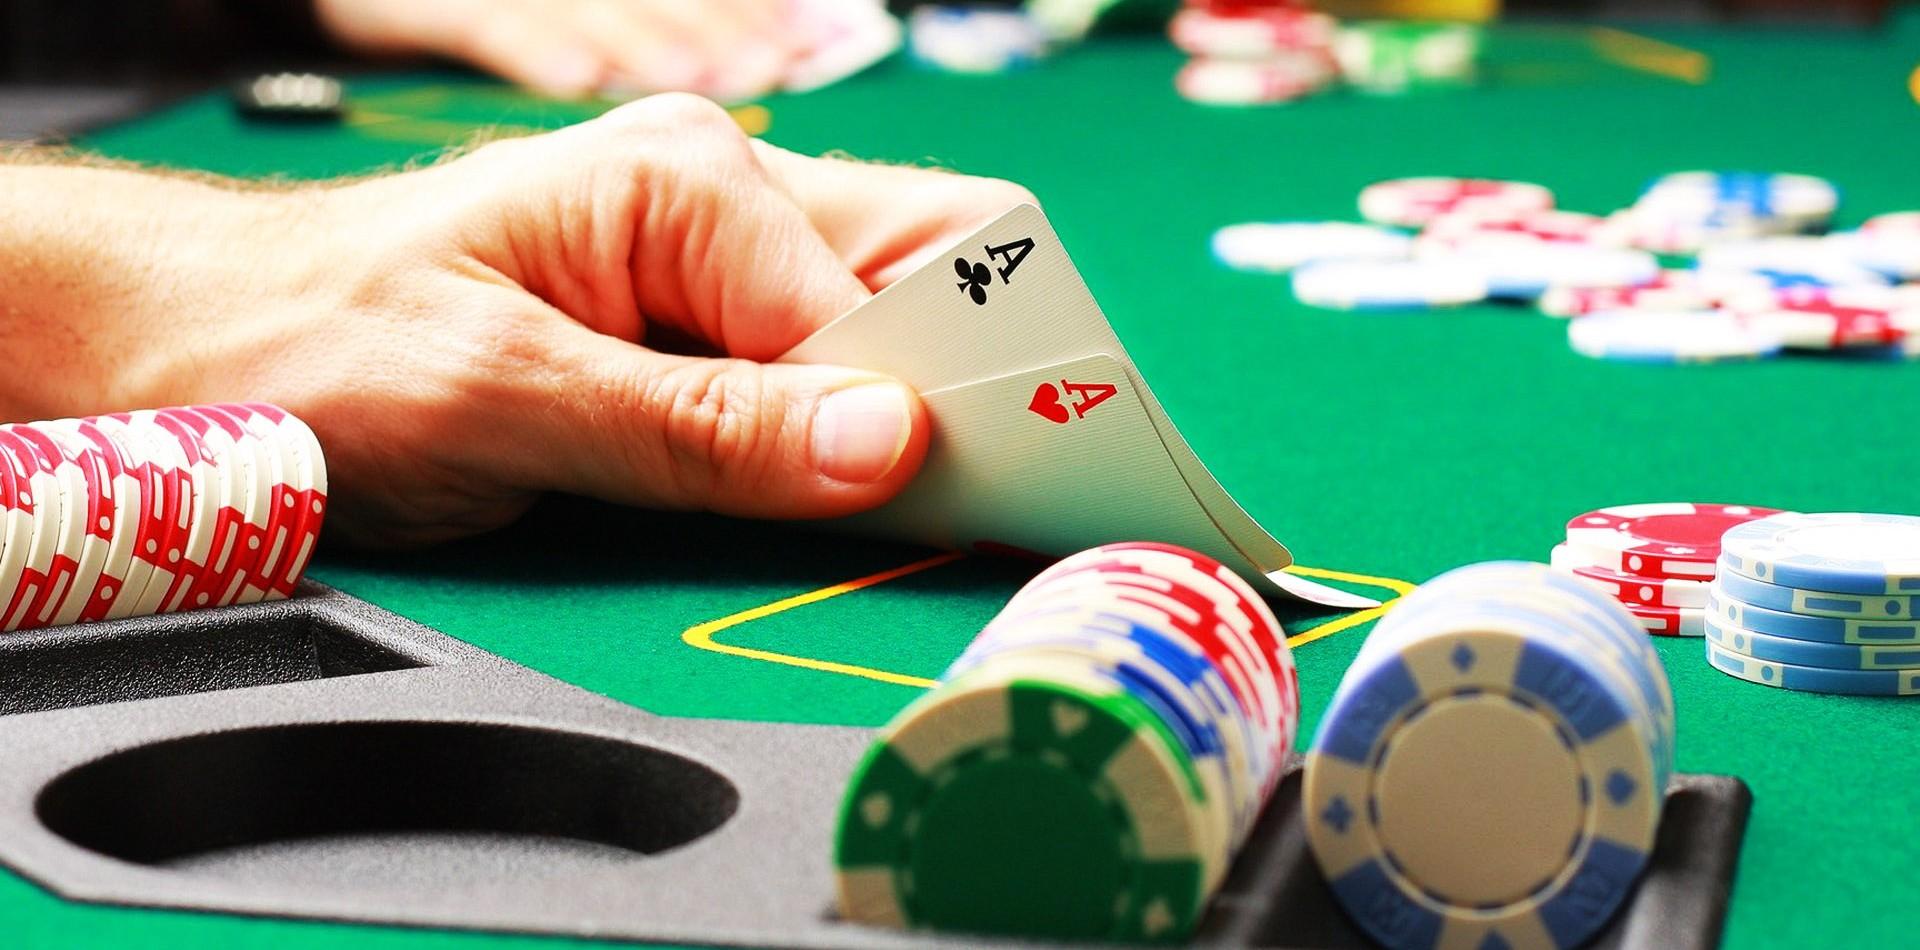 Cara_Efektif_Bermain_Poker_W88_2019_06